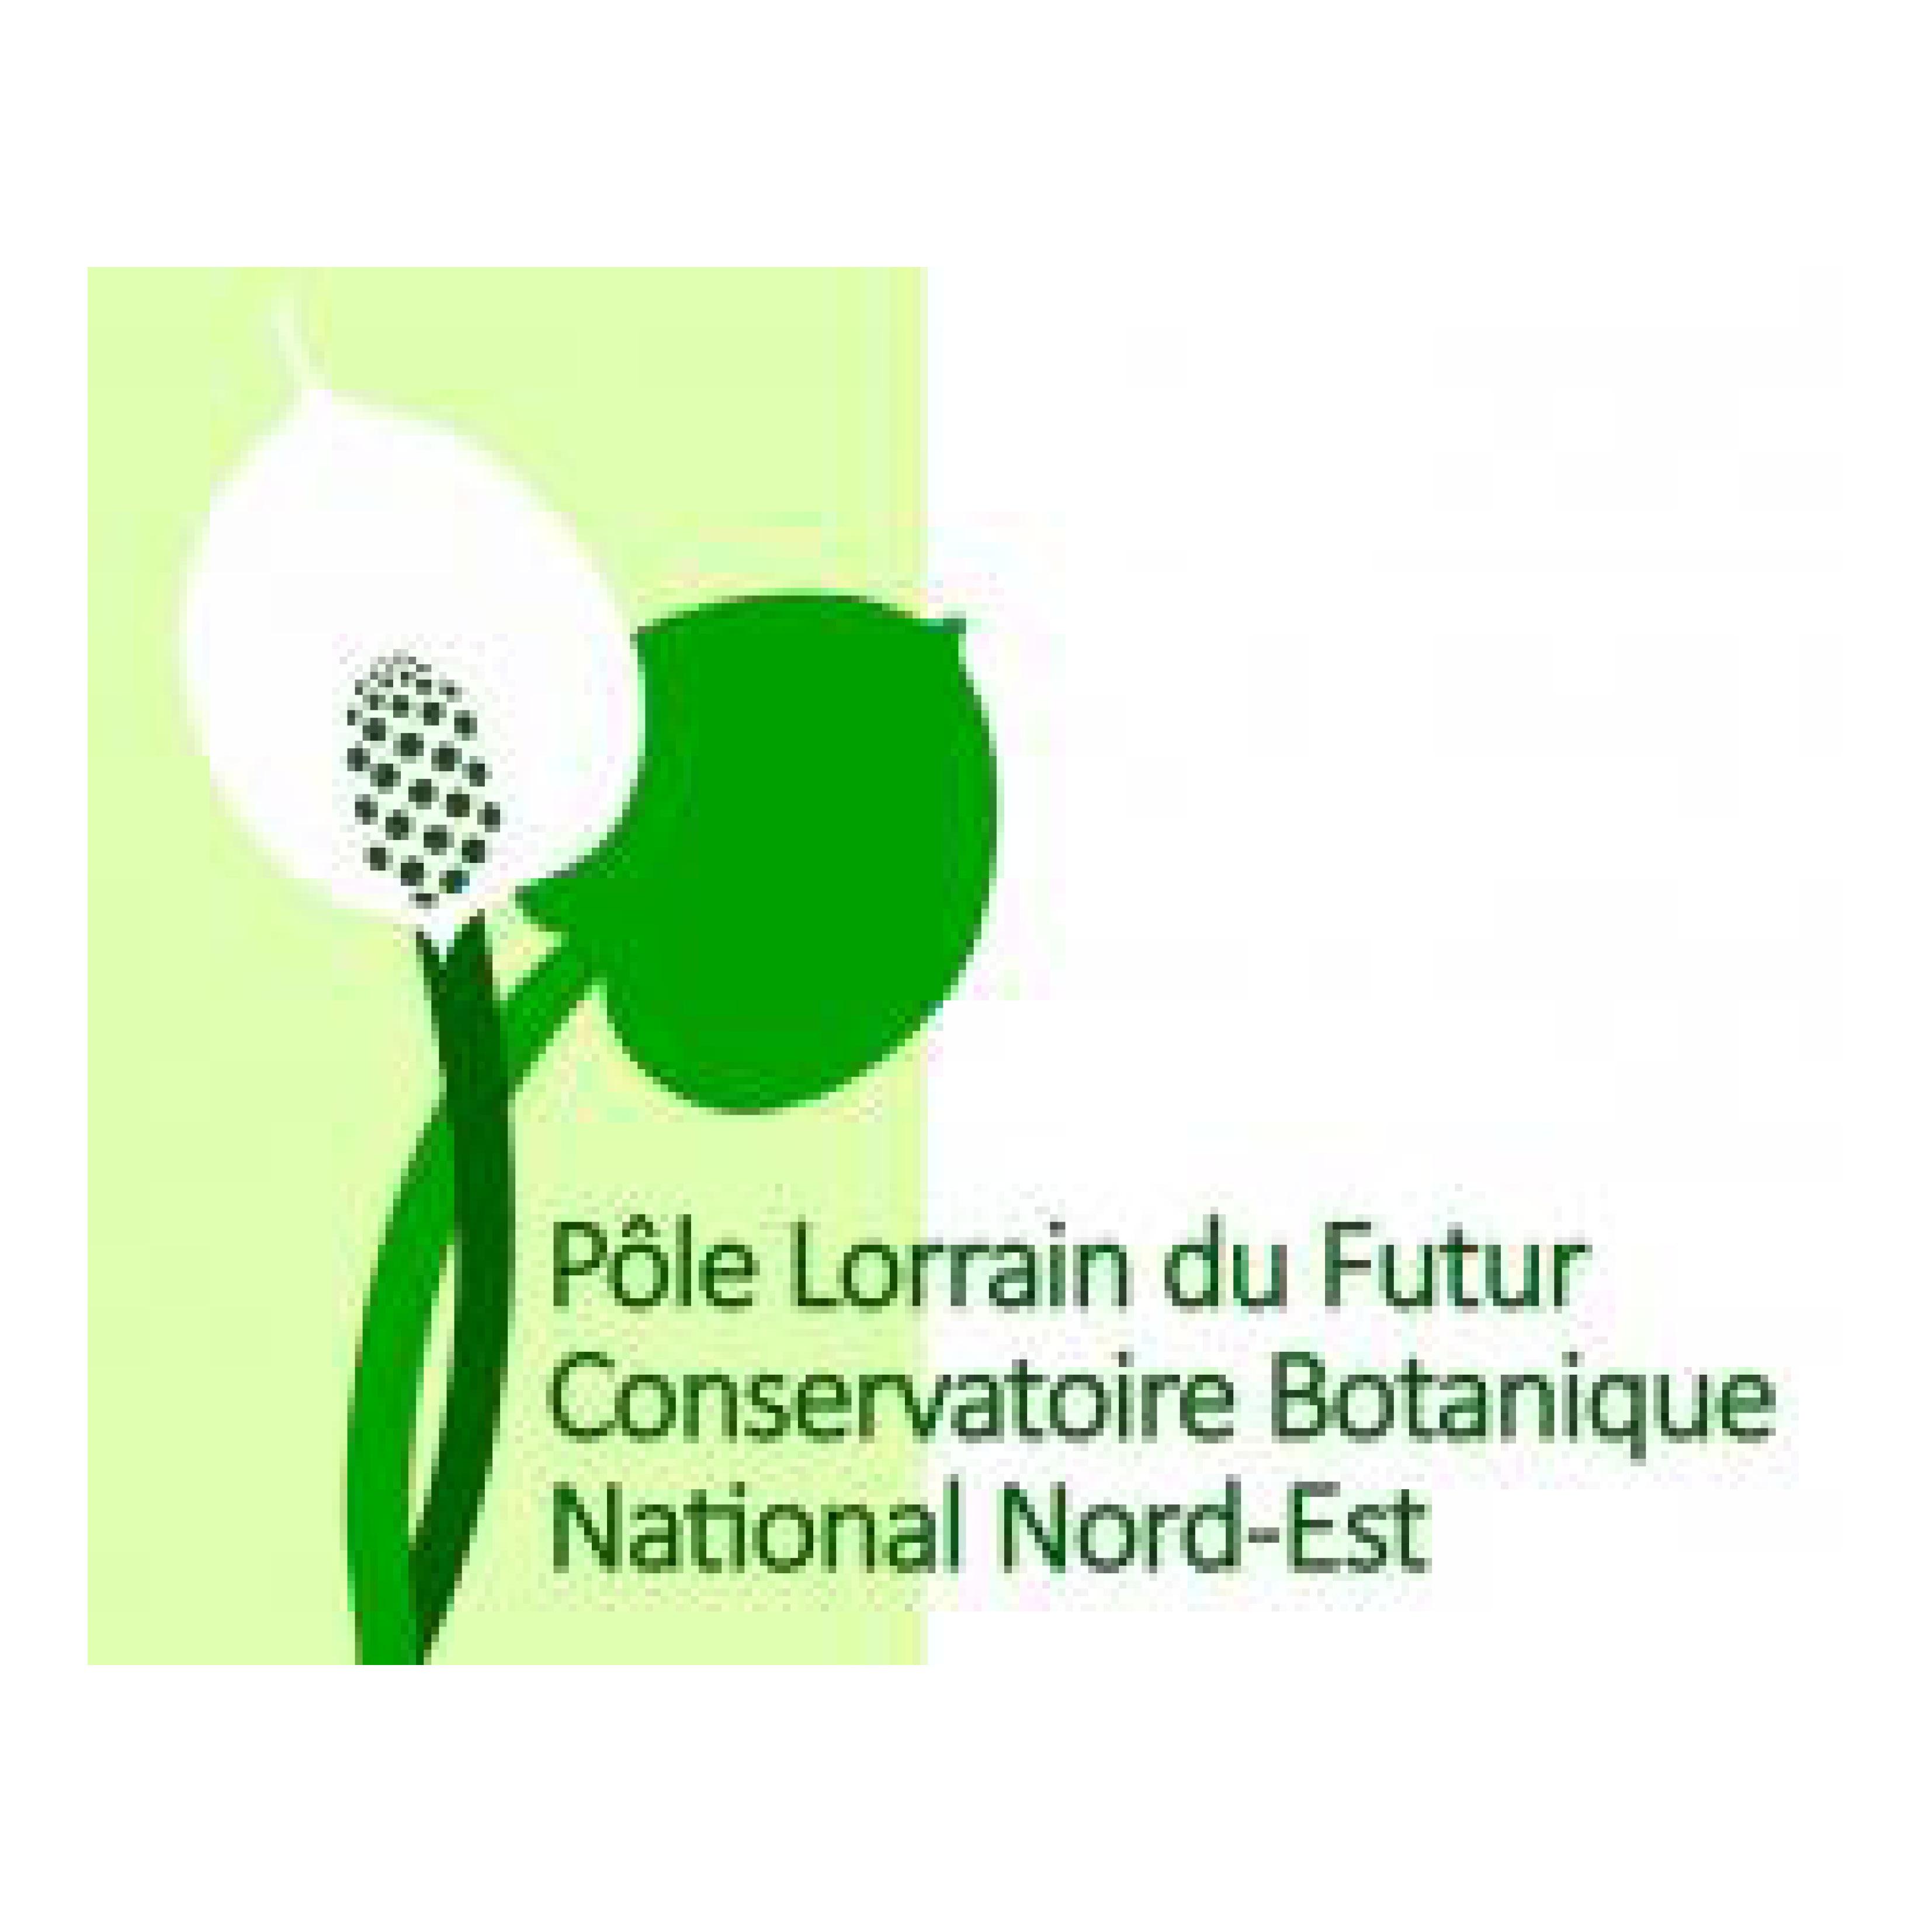 Pôle Lorrain du futur Conservatoire Botanique National Nord Est